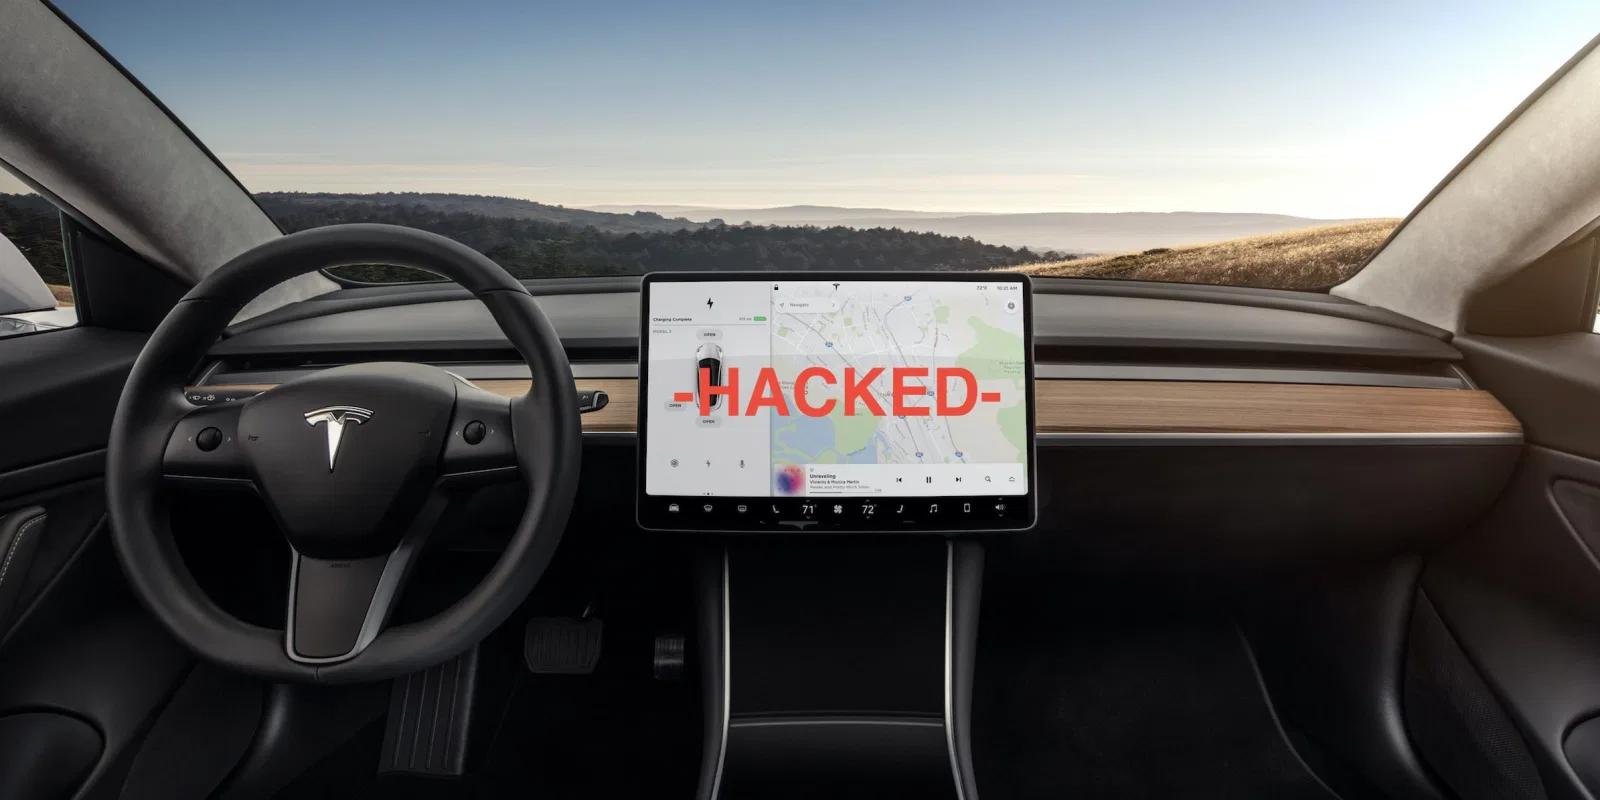 Tesla hacked